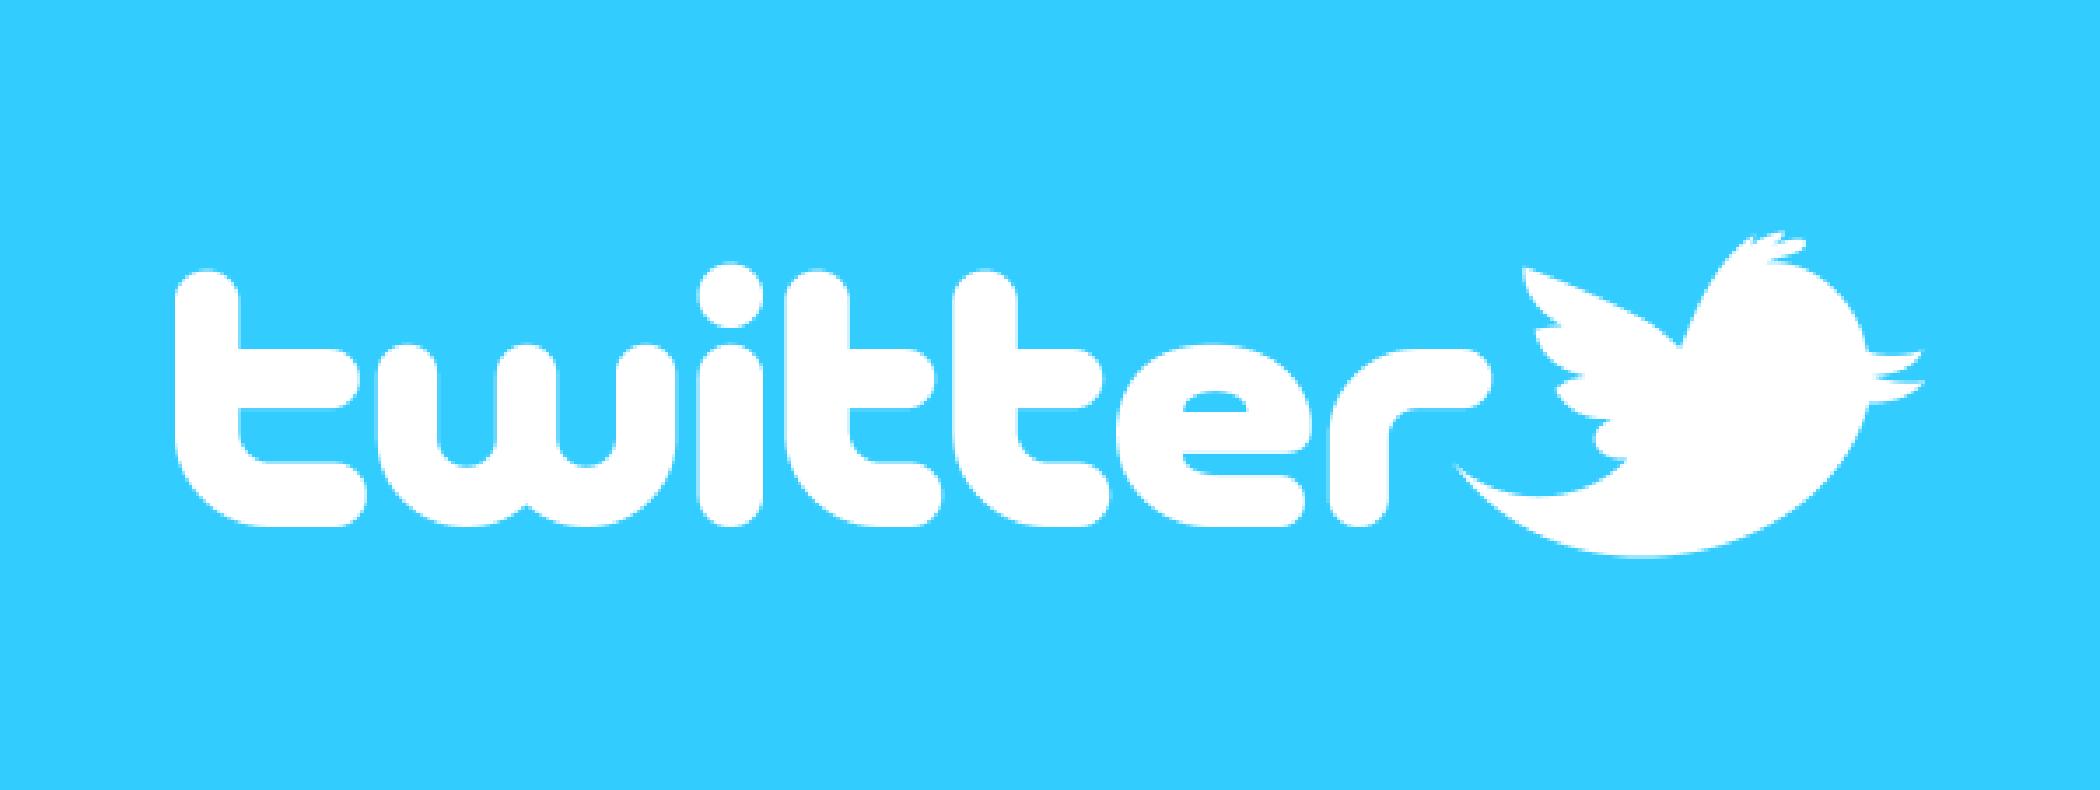 App twitter logo